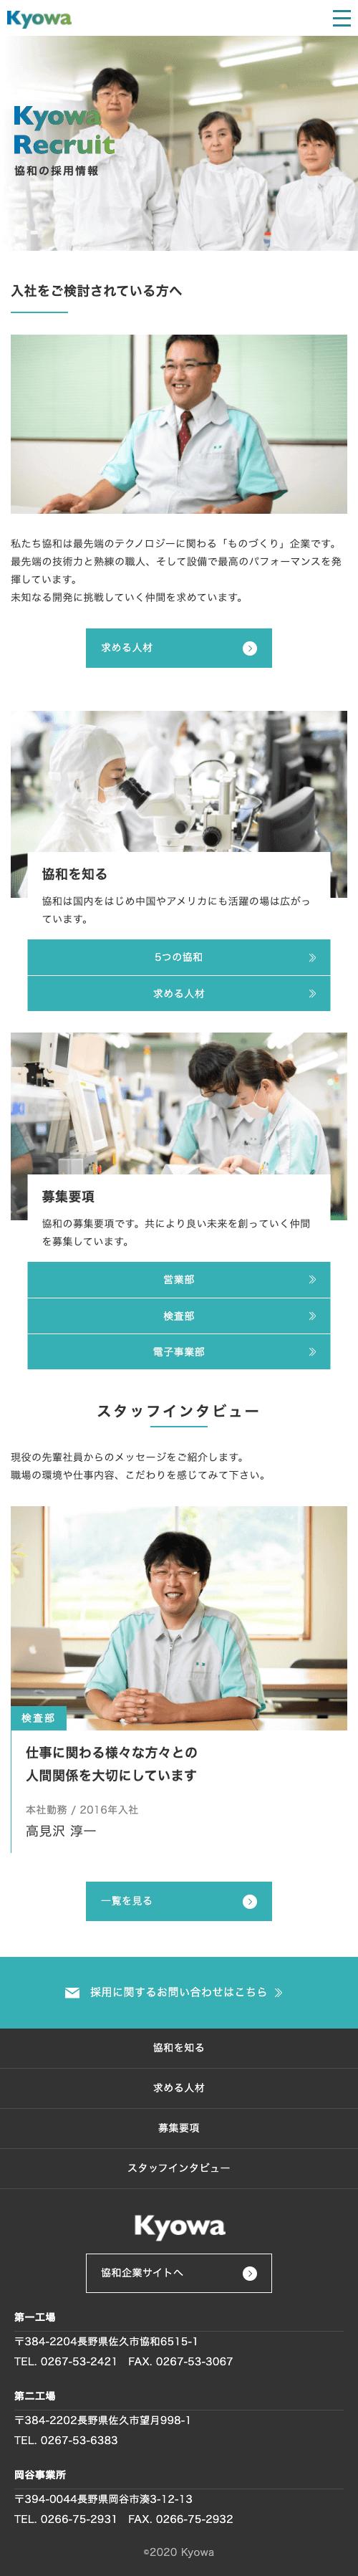 株式会社協和様 採用サイトspイメージ